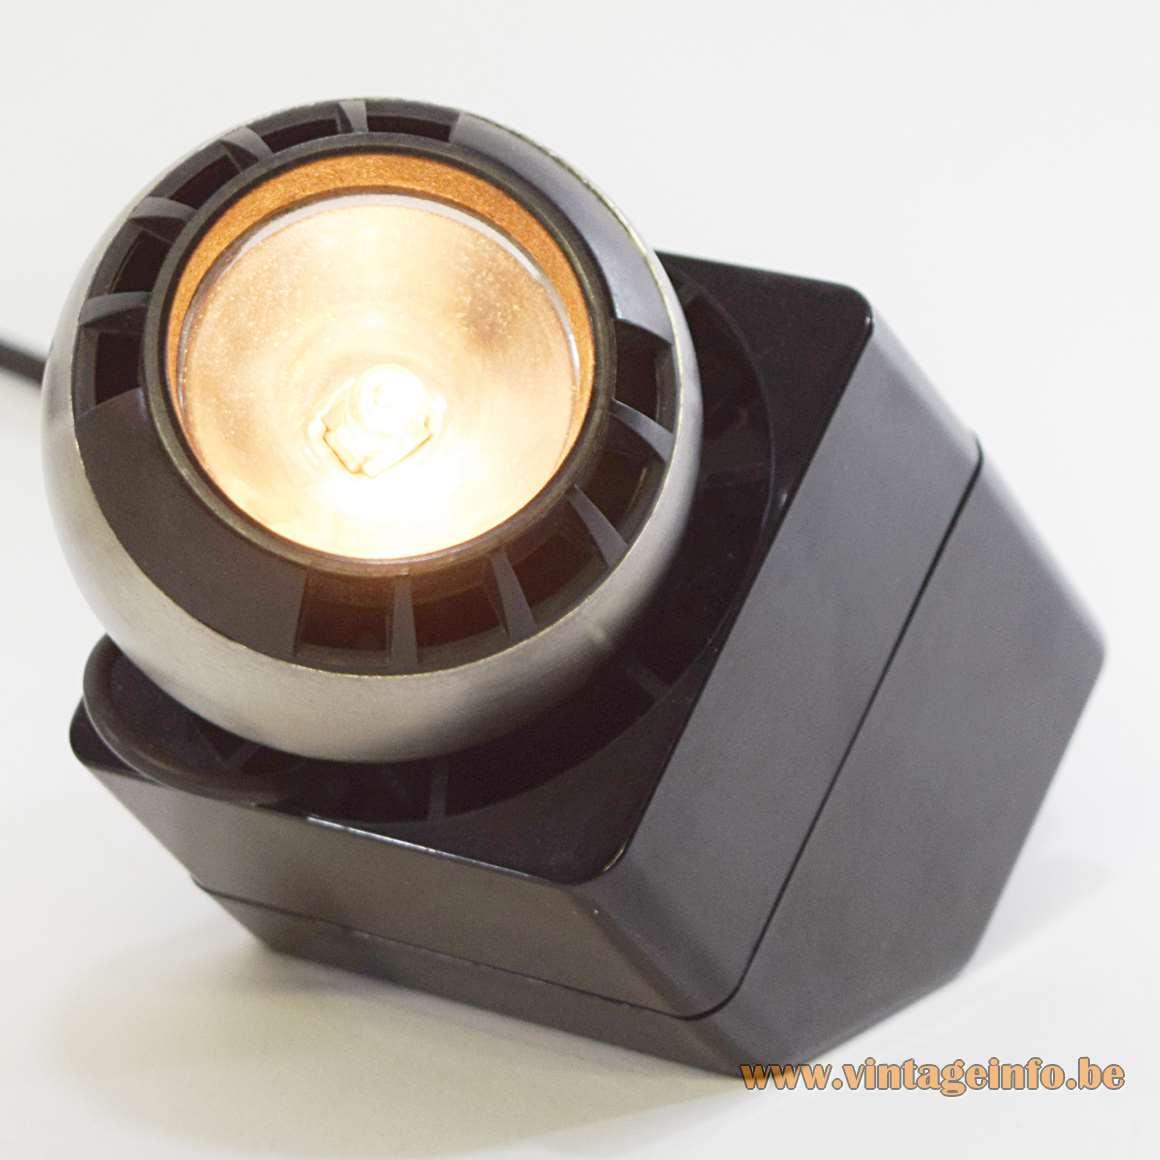 Light 4 - Osram Minispot - 41601 - 1972